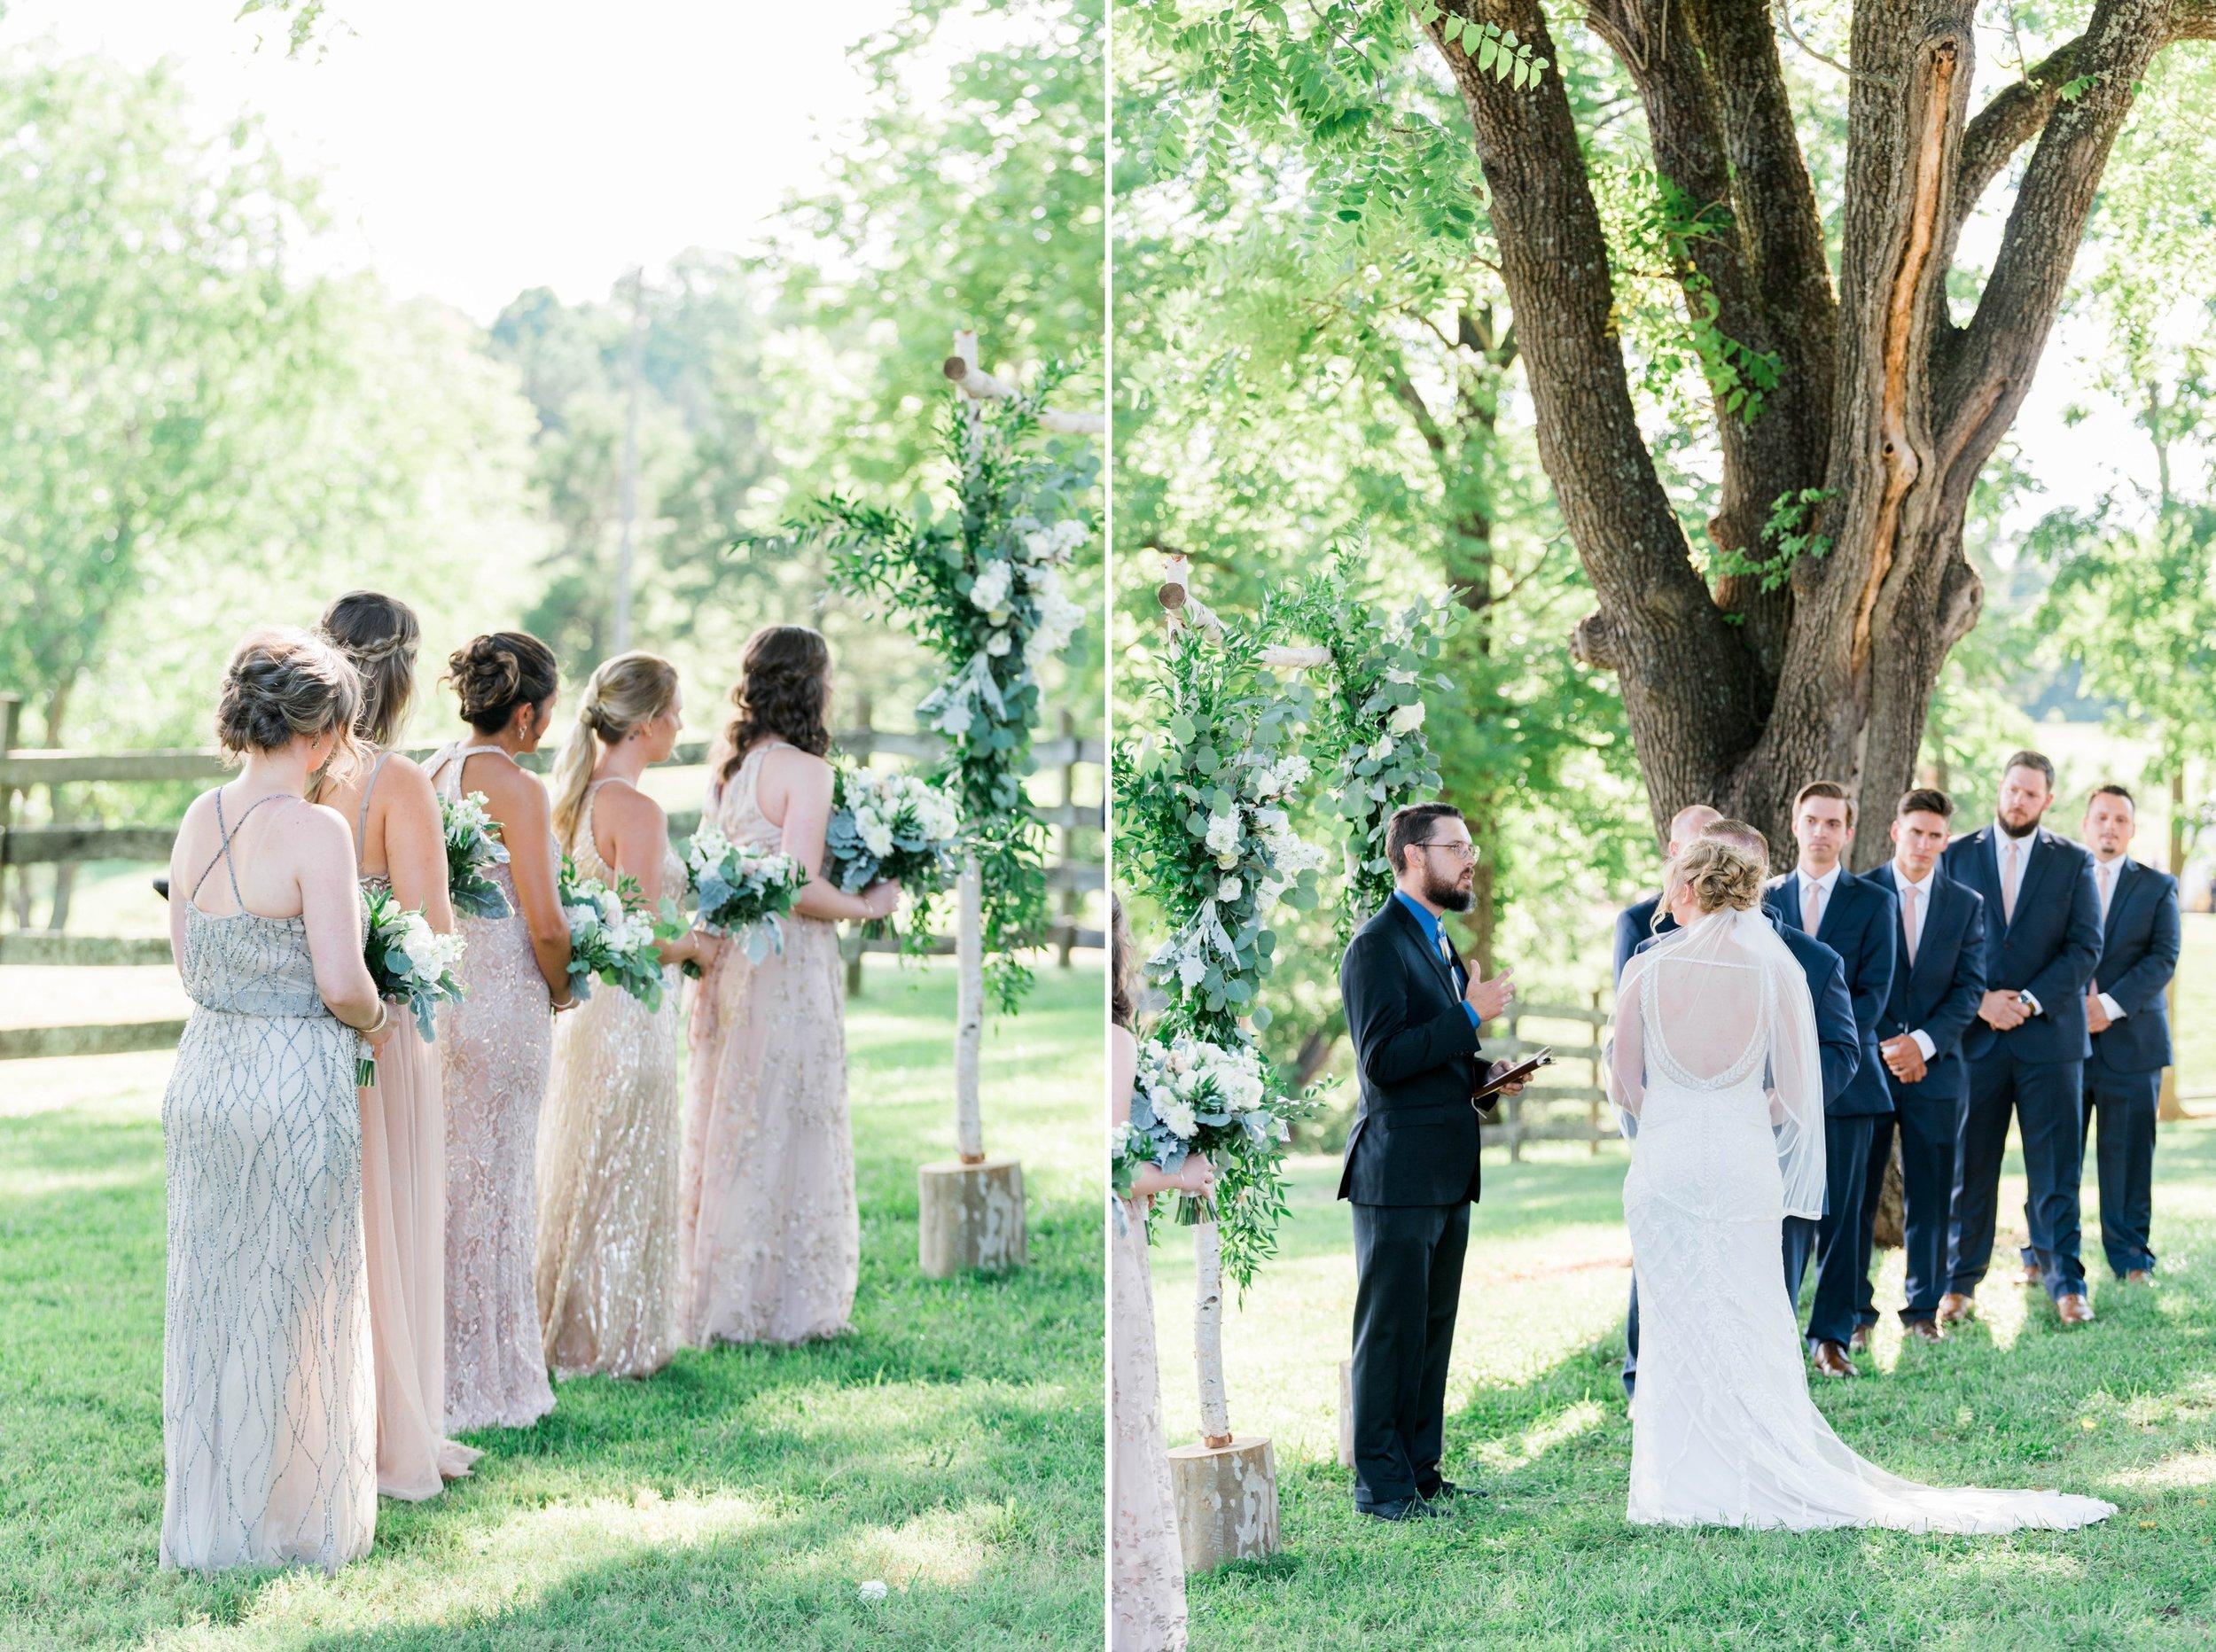 SorellaFarms_VirginiaWeddingPhotographer_BarnWedding_Lynchburgweddingphotographer_DanielleTyler 43.jpg